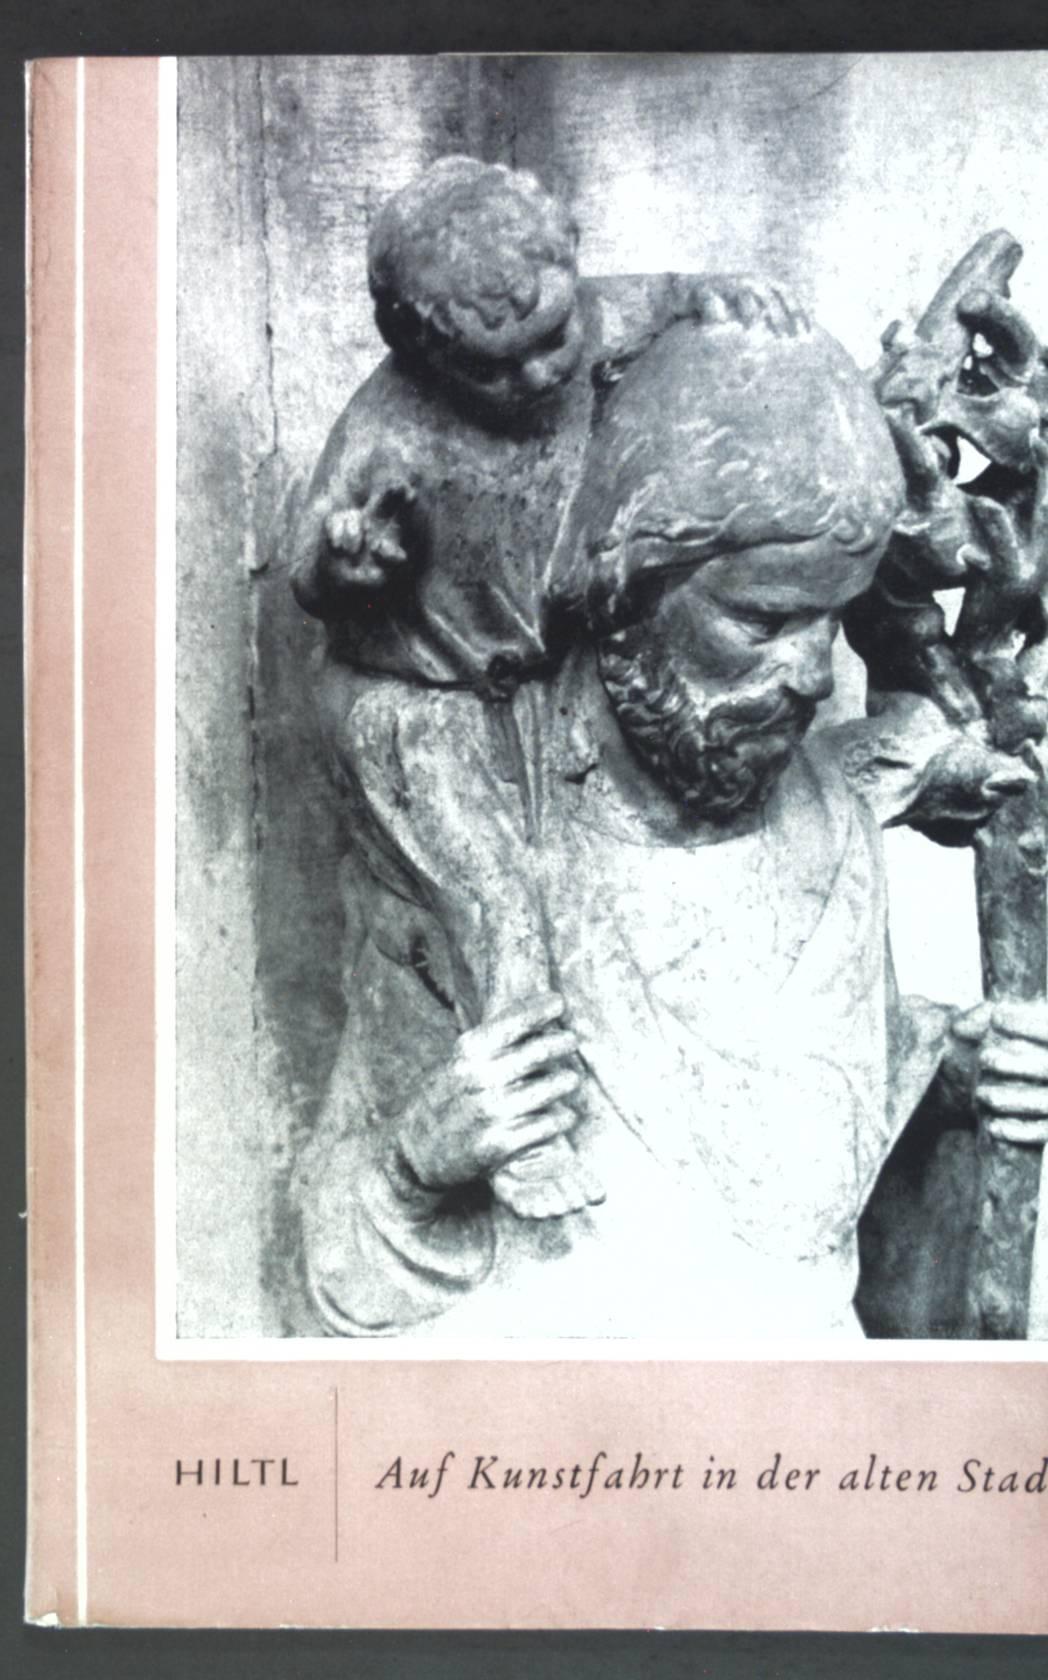 Auf Kunstfahrt in der alten Stadt;: Hiltl, Franz: